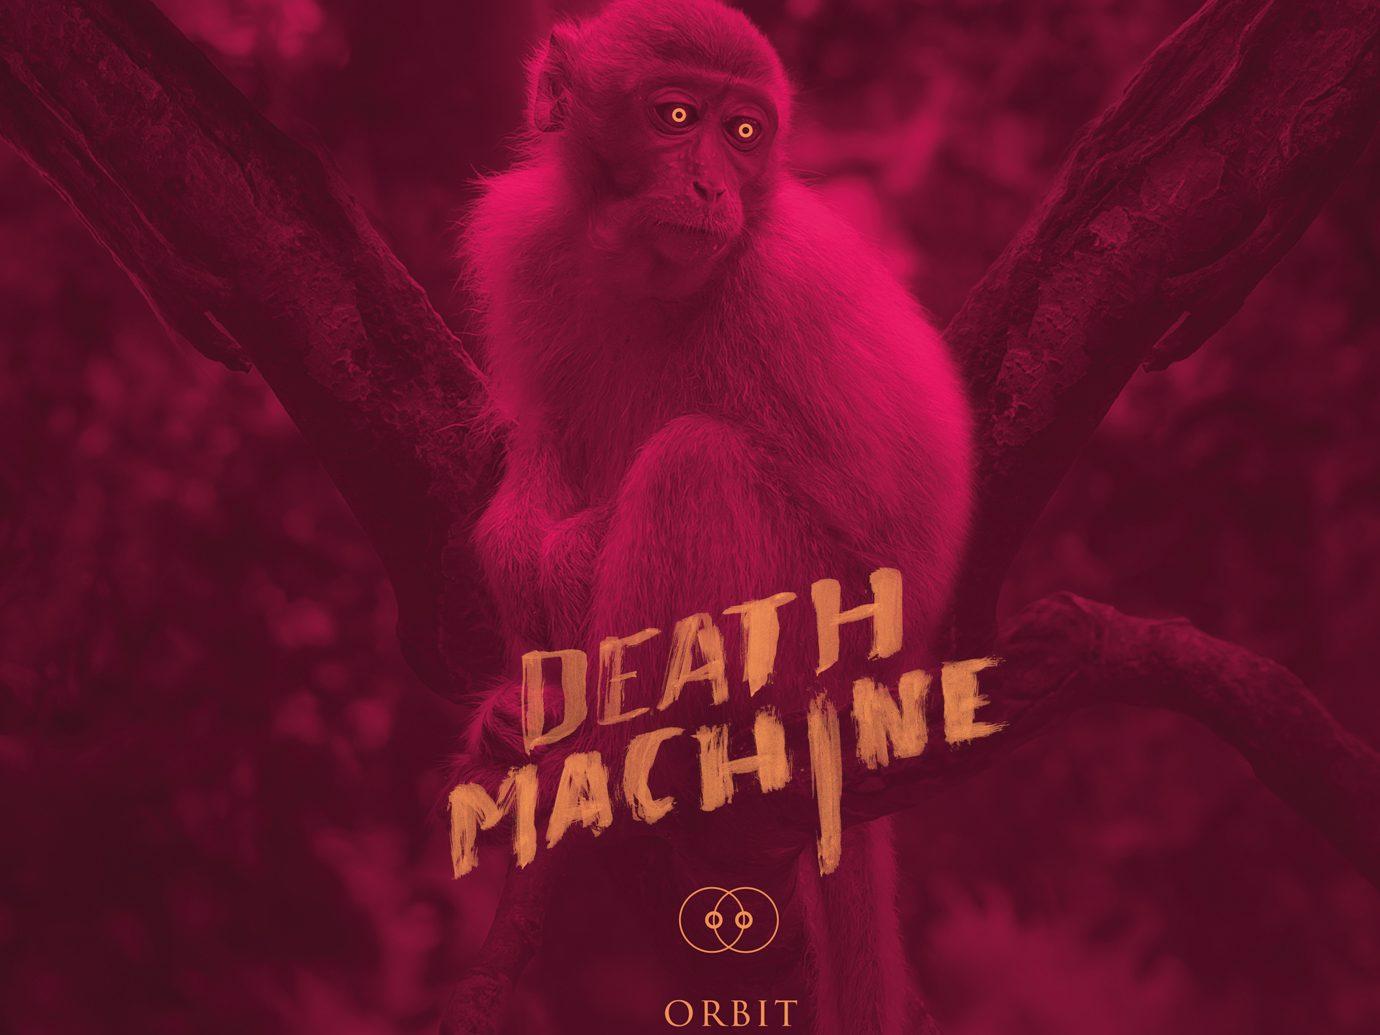 Album der Woche: Death Machine – Orbit